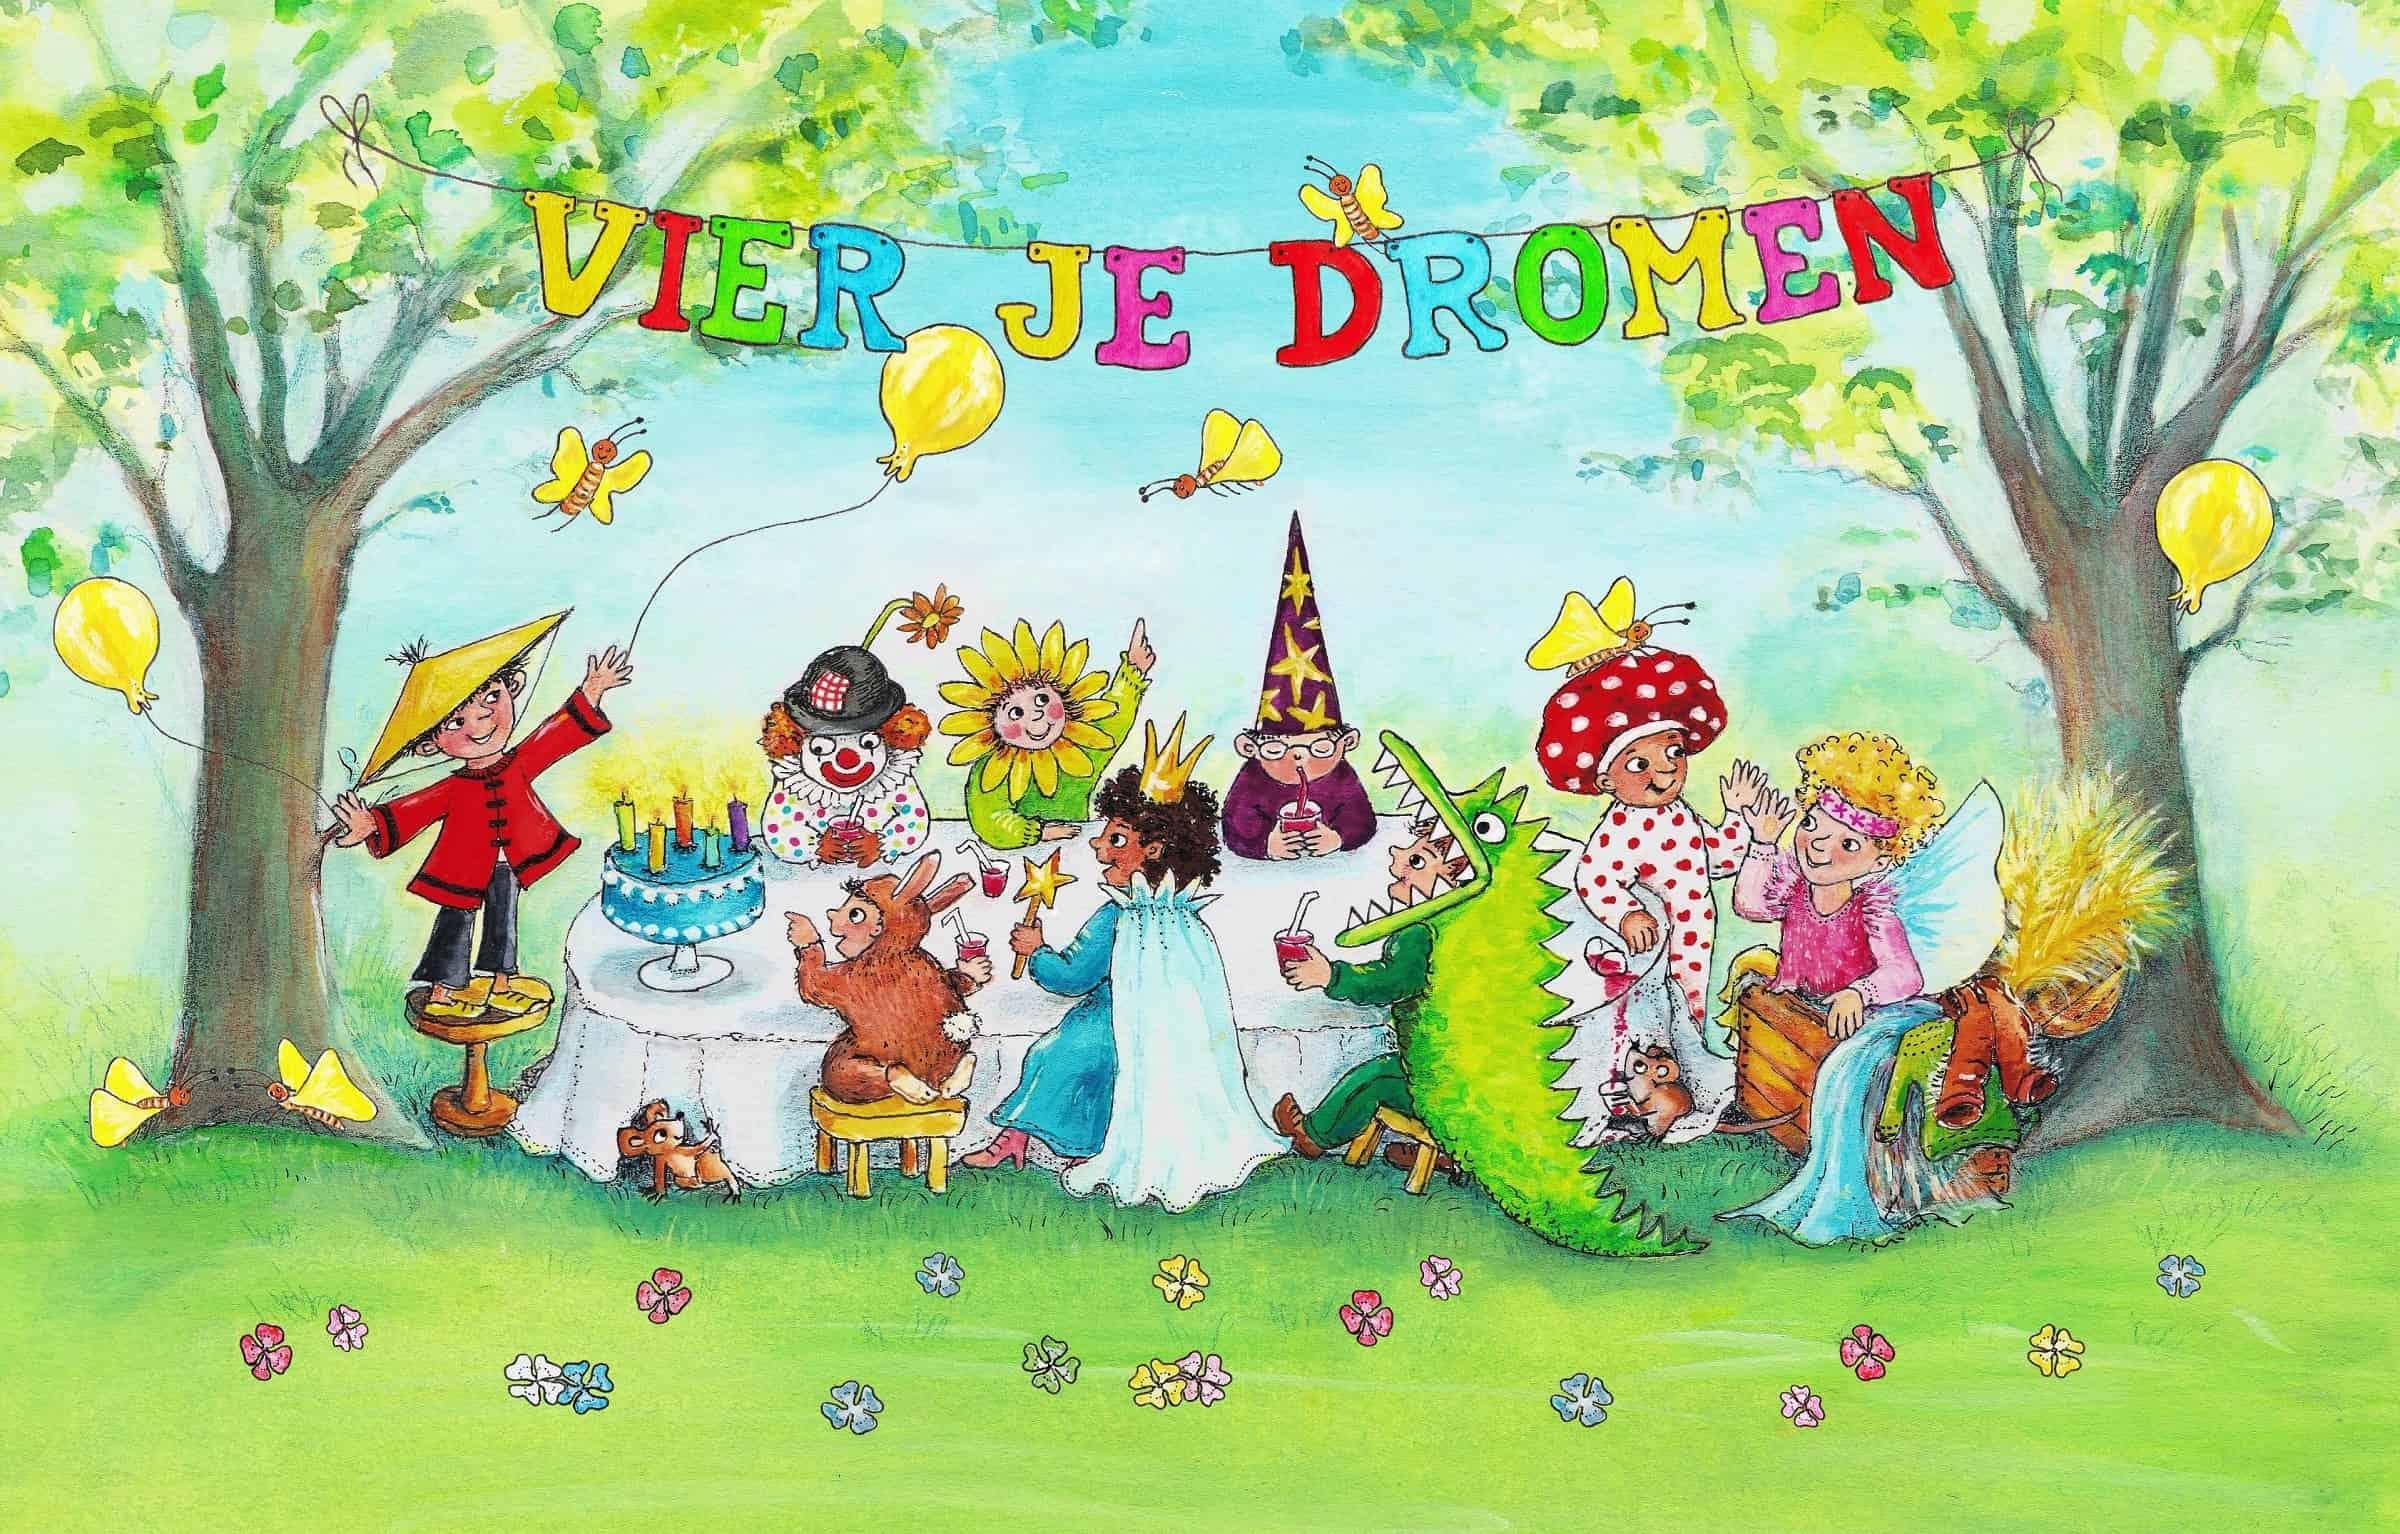 Vier je Dromen verkleedkisten voor onvergetelijke kinderfeestjes